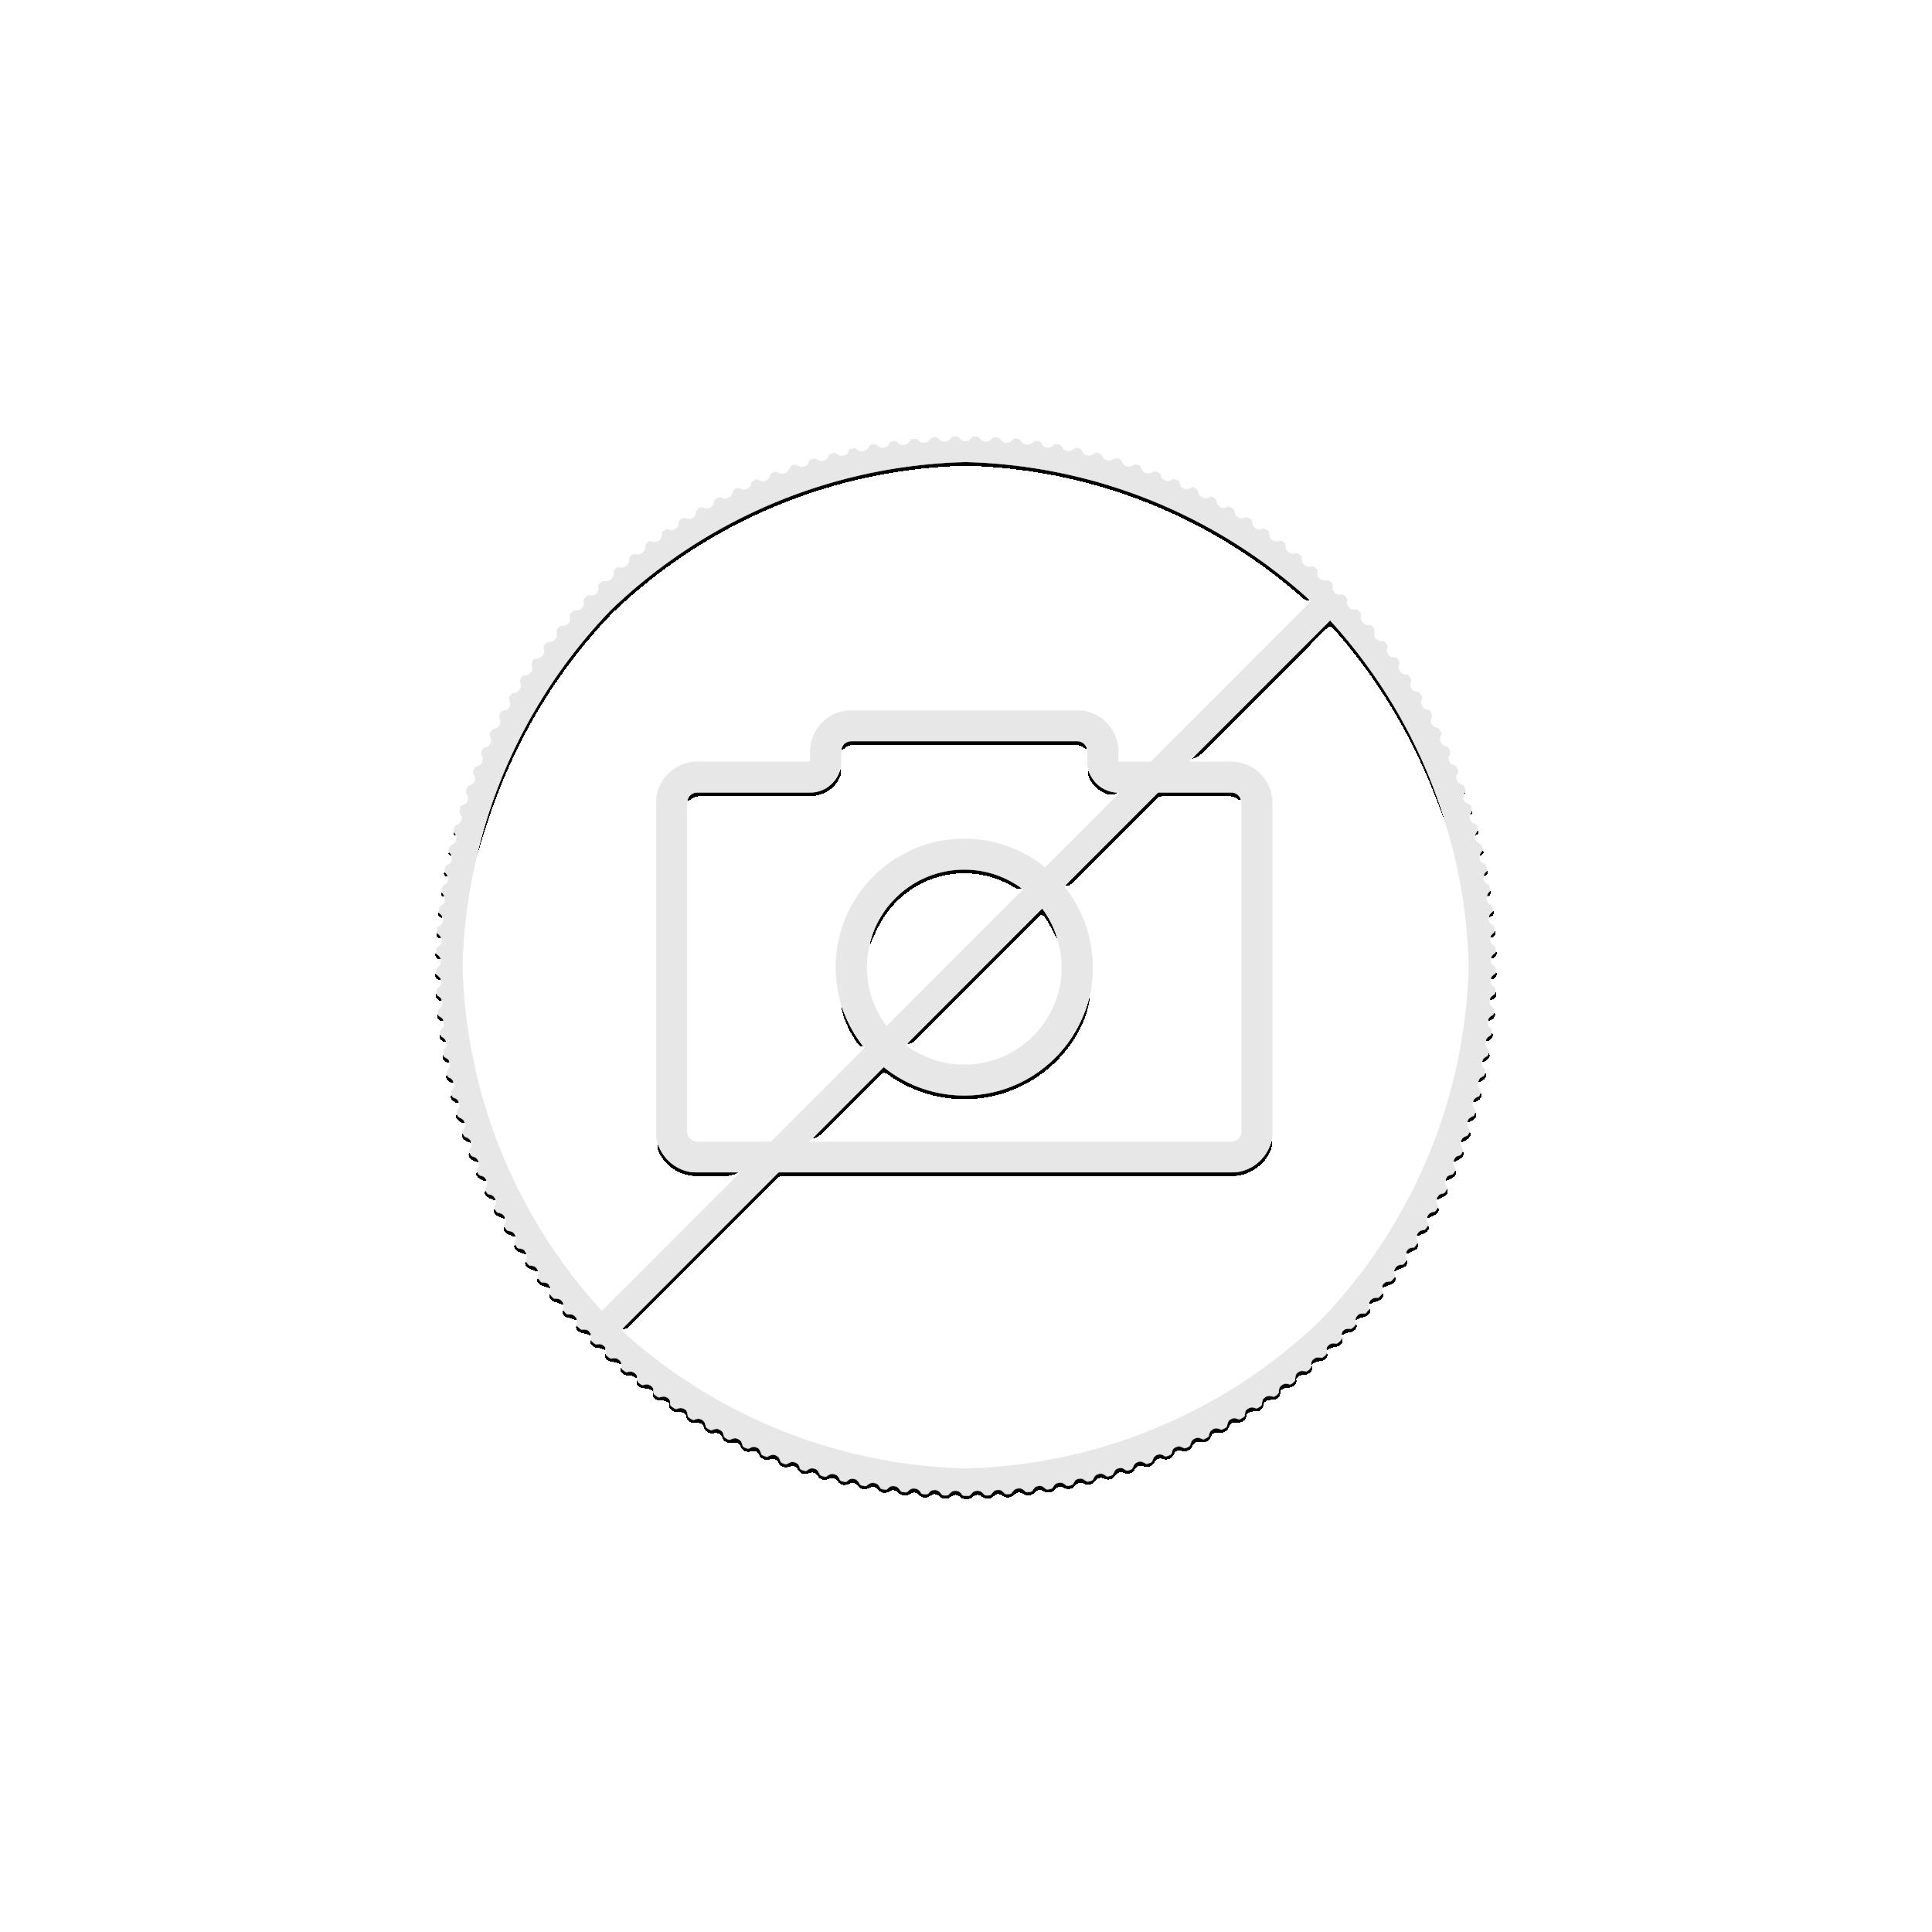 1 Troy ounce zilveren munt Kookaburra 2019 ANDA coin fair